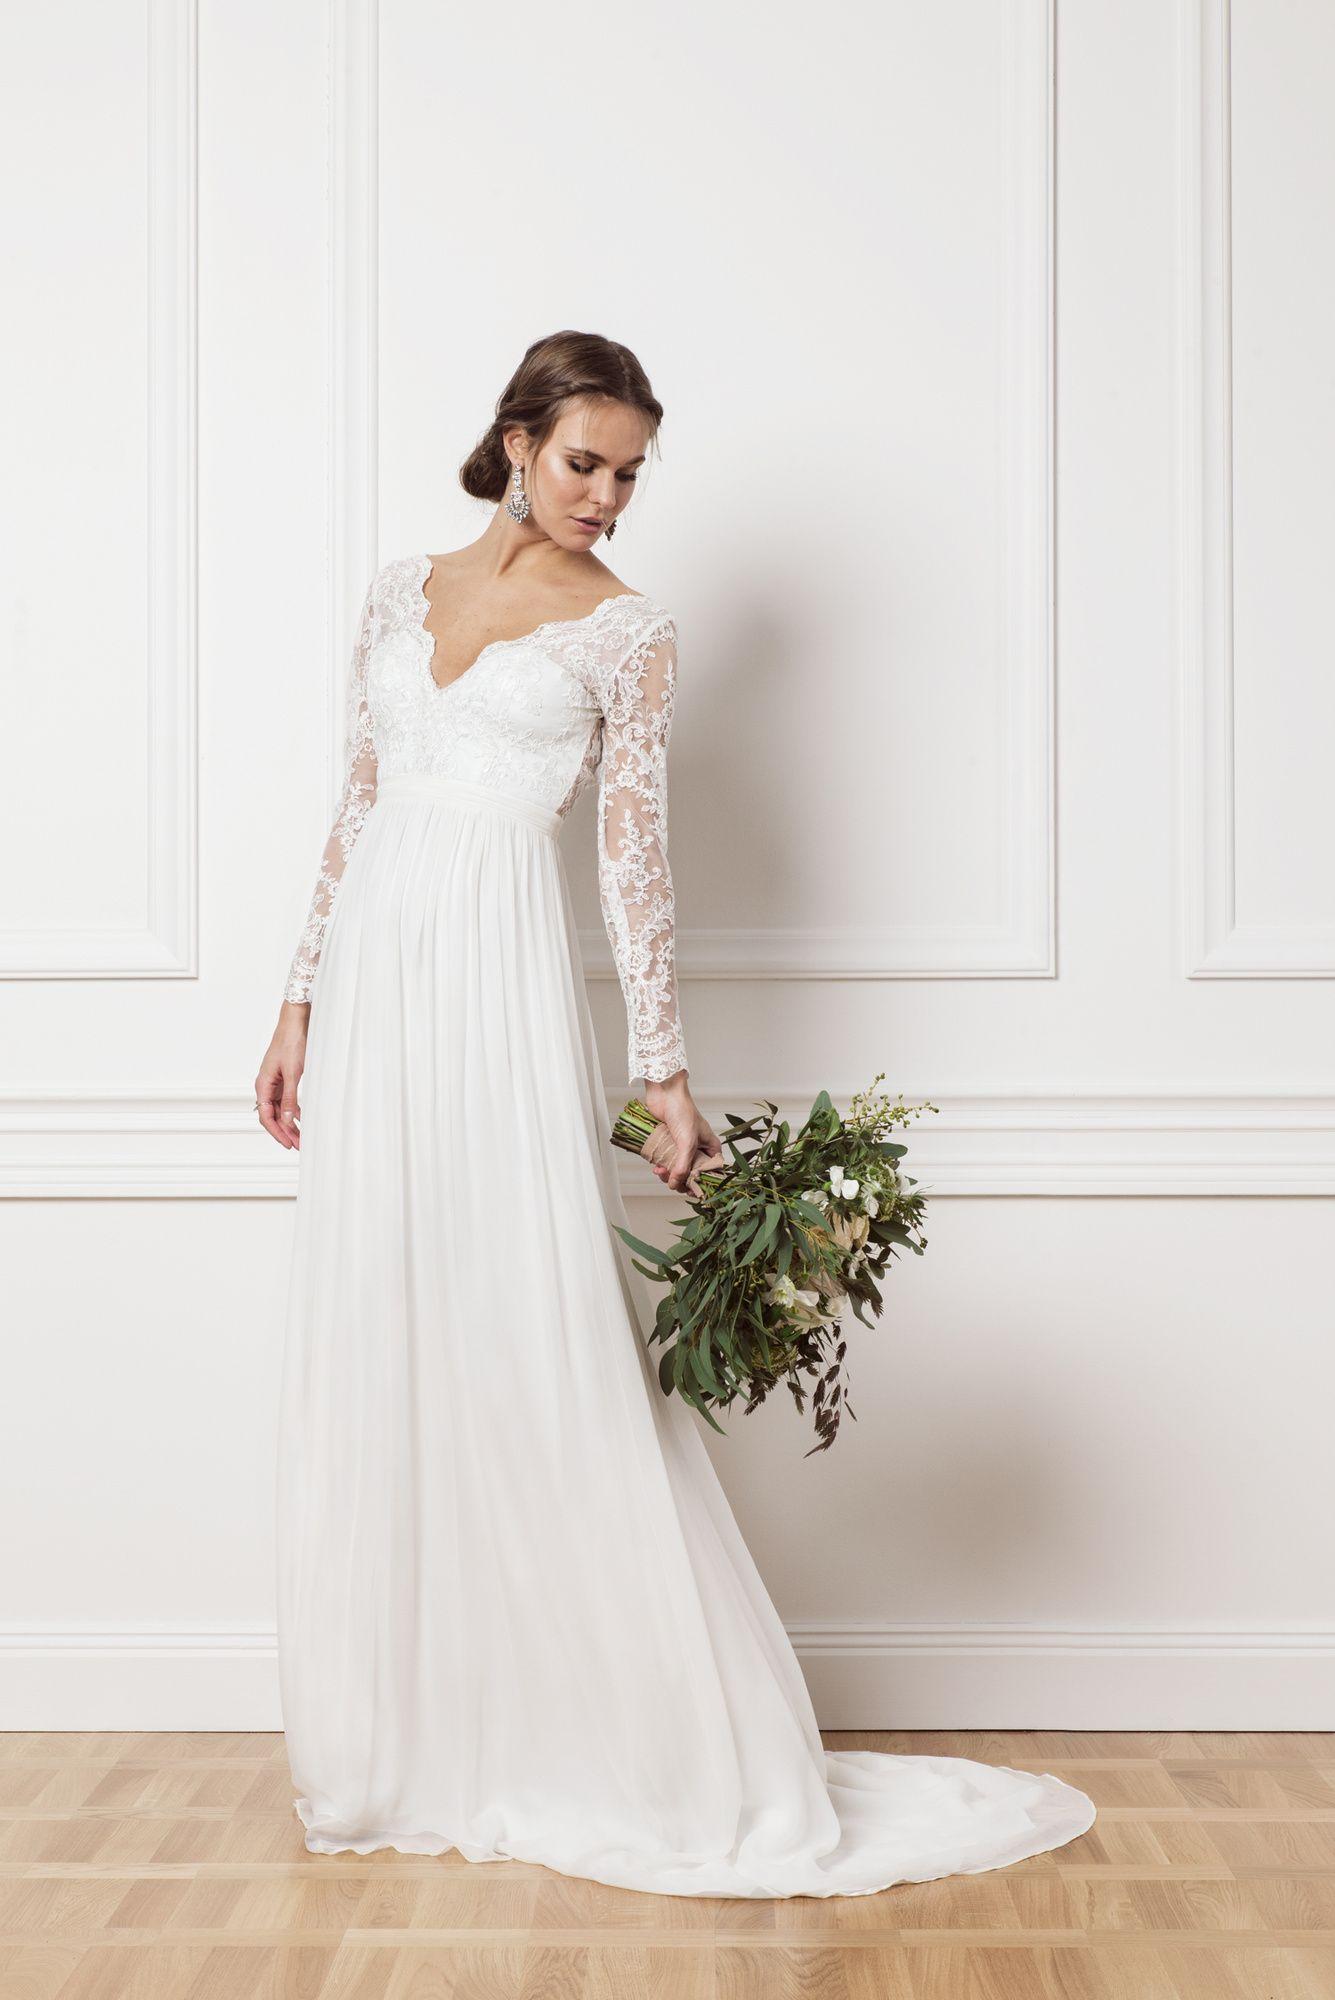 Wedding dress without train  Product image Iris Without Train  Wedding  Pinterest  Iris